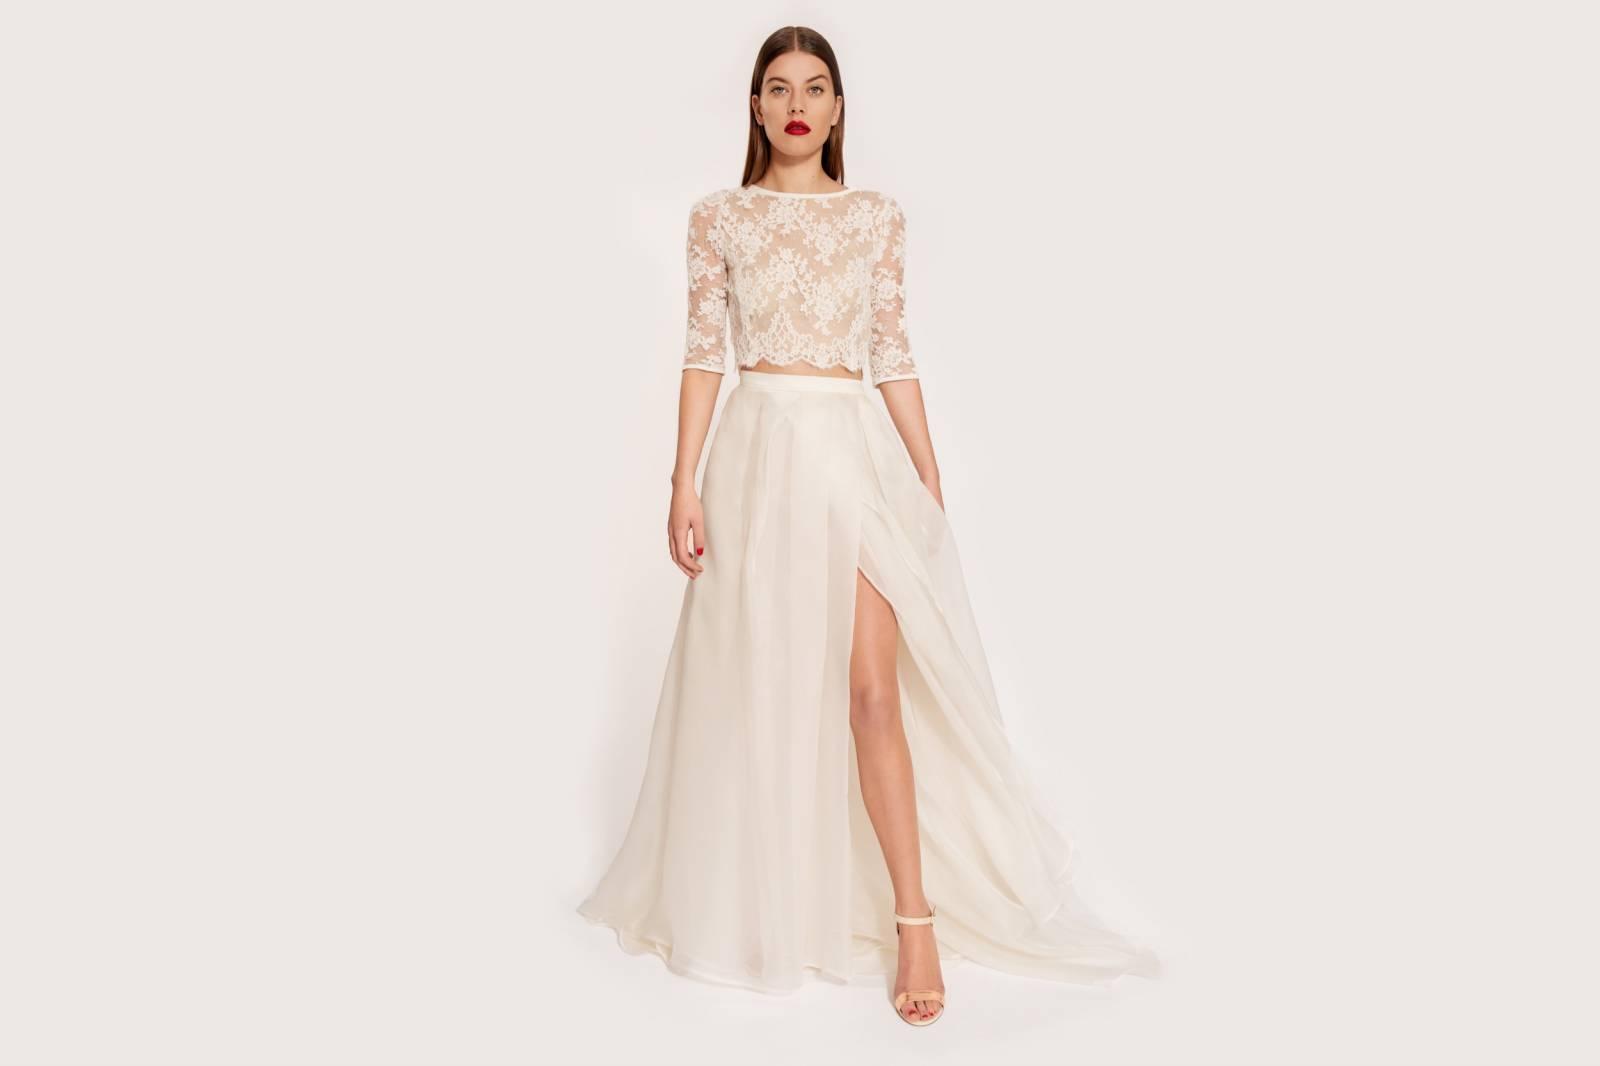 Beroemd De bruidsmode trends voor 2017 - House of Weddings @PX13